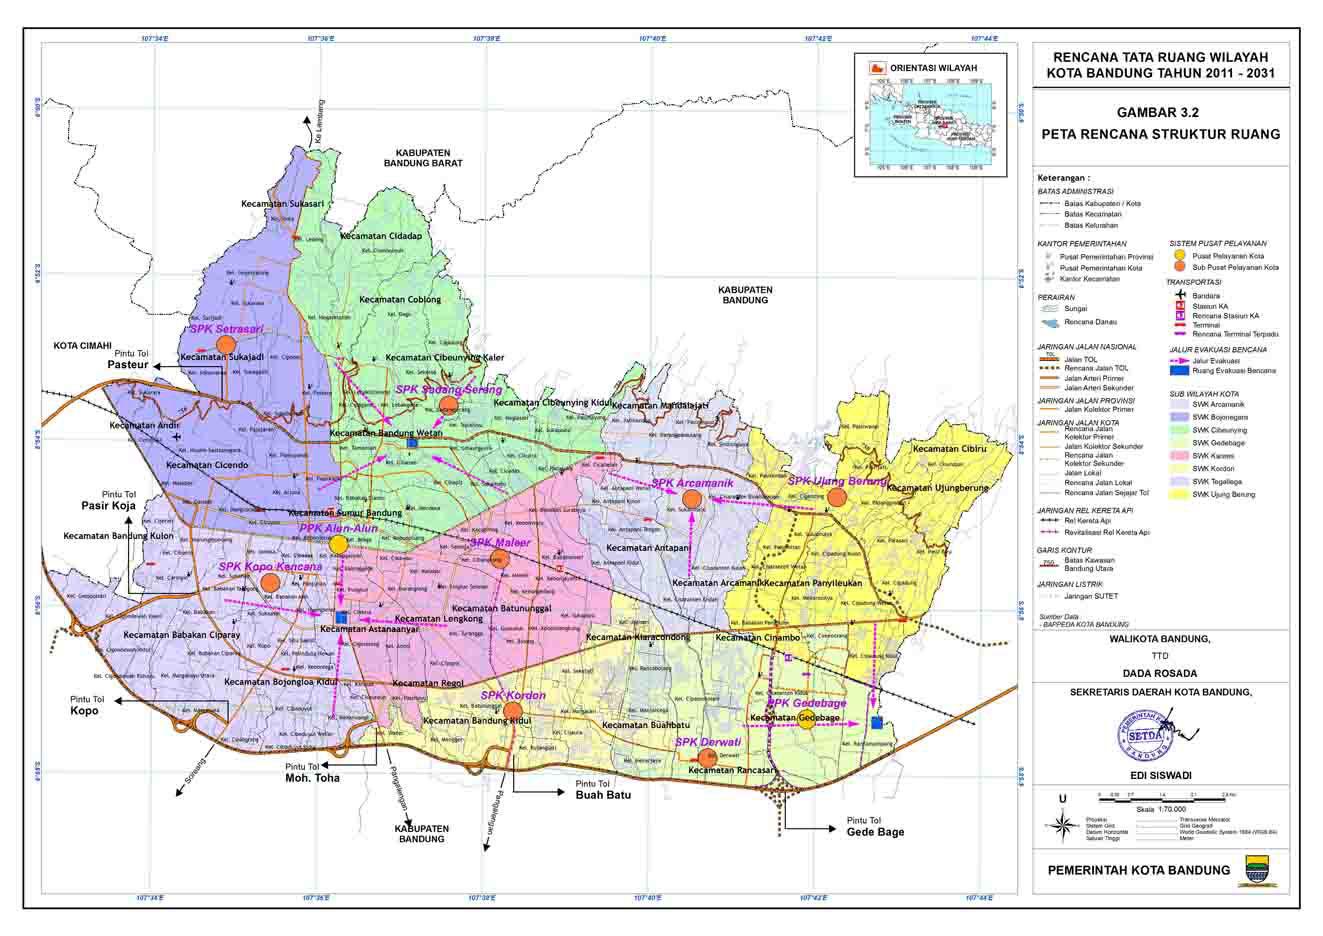 Peta Kota: Peta Kota Bandung